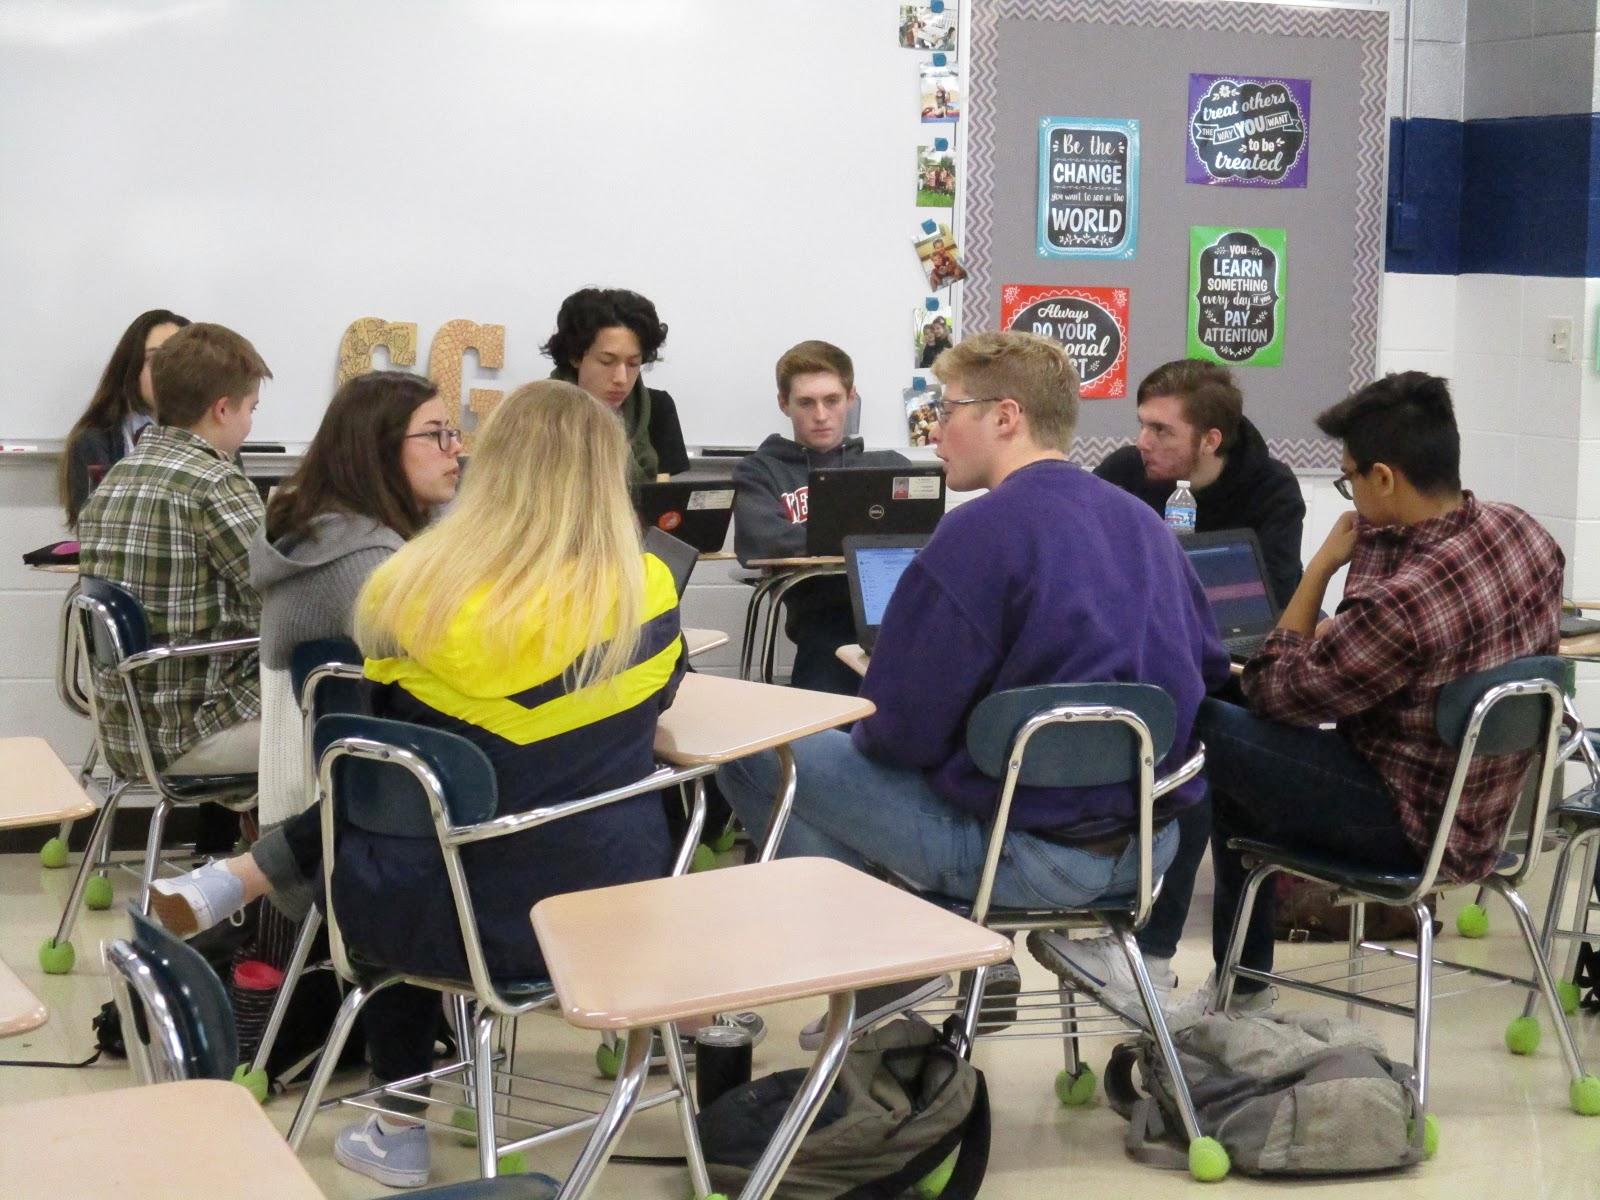 Số lượng học viên trong một lớp nên dao động từ 10 - 20